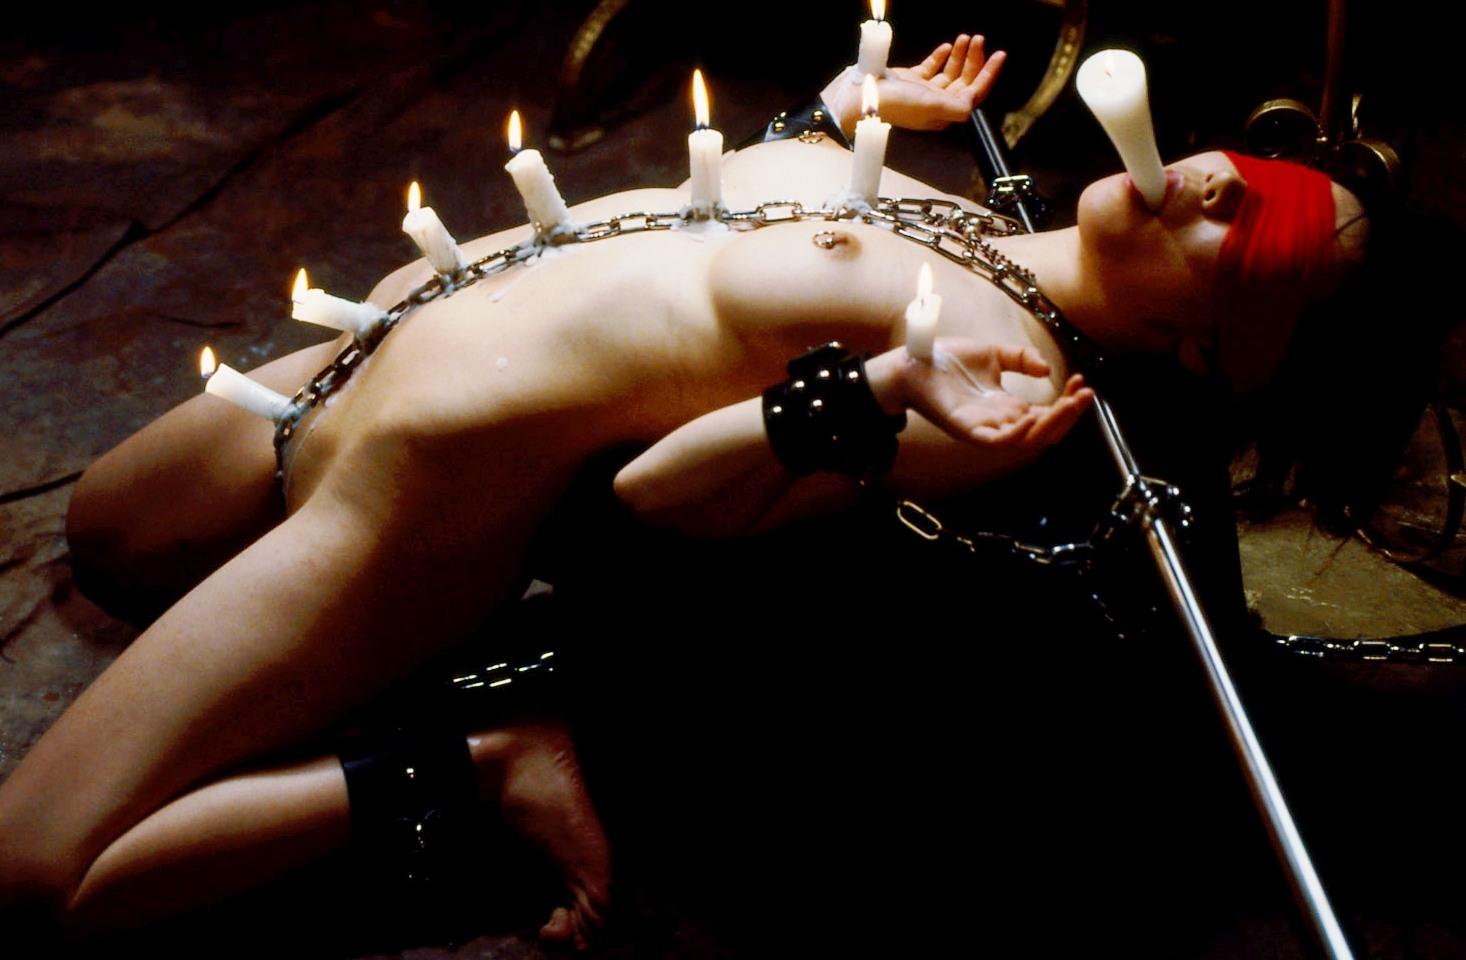 【SMエロ画像】繰り返される苛烈な蝋燭責めに声が枯れるまで悲鳴を上げるM女たち 01